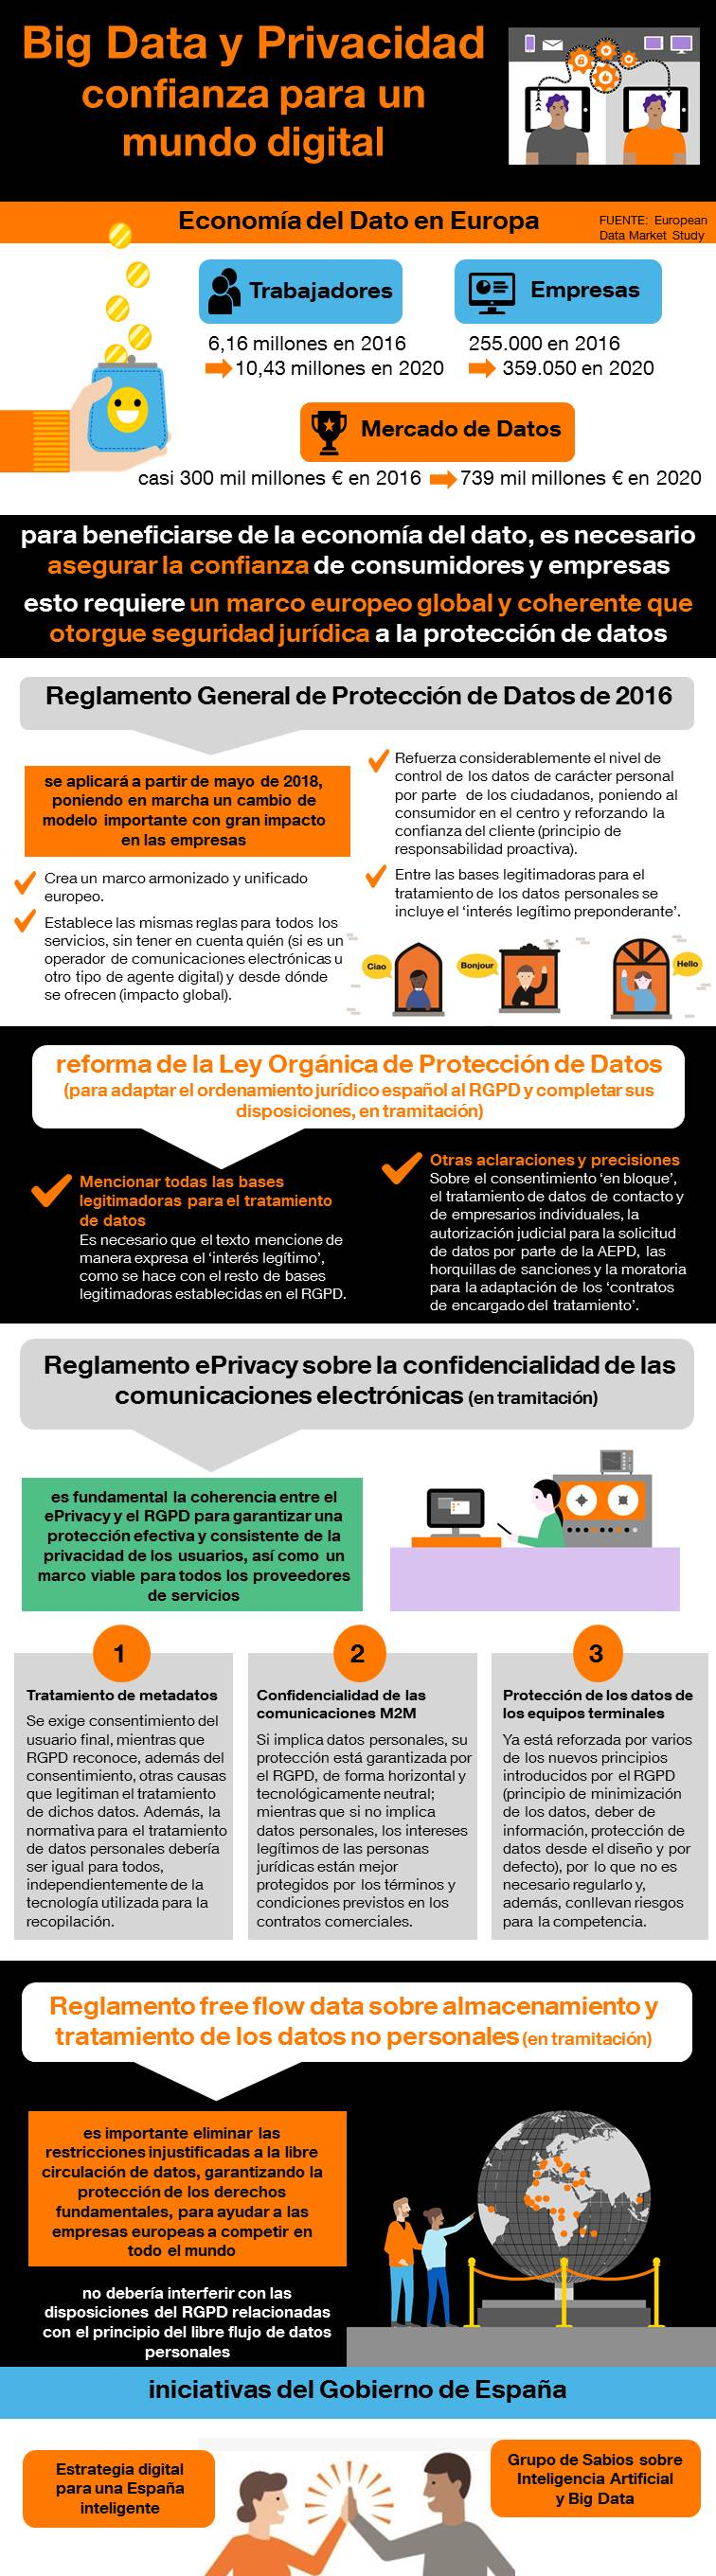 Big Data y privacidad